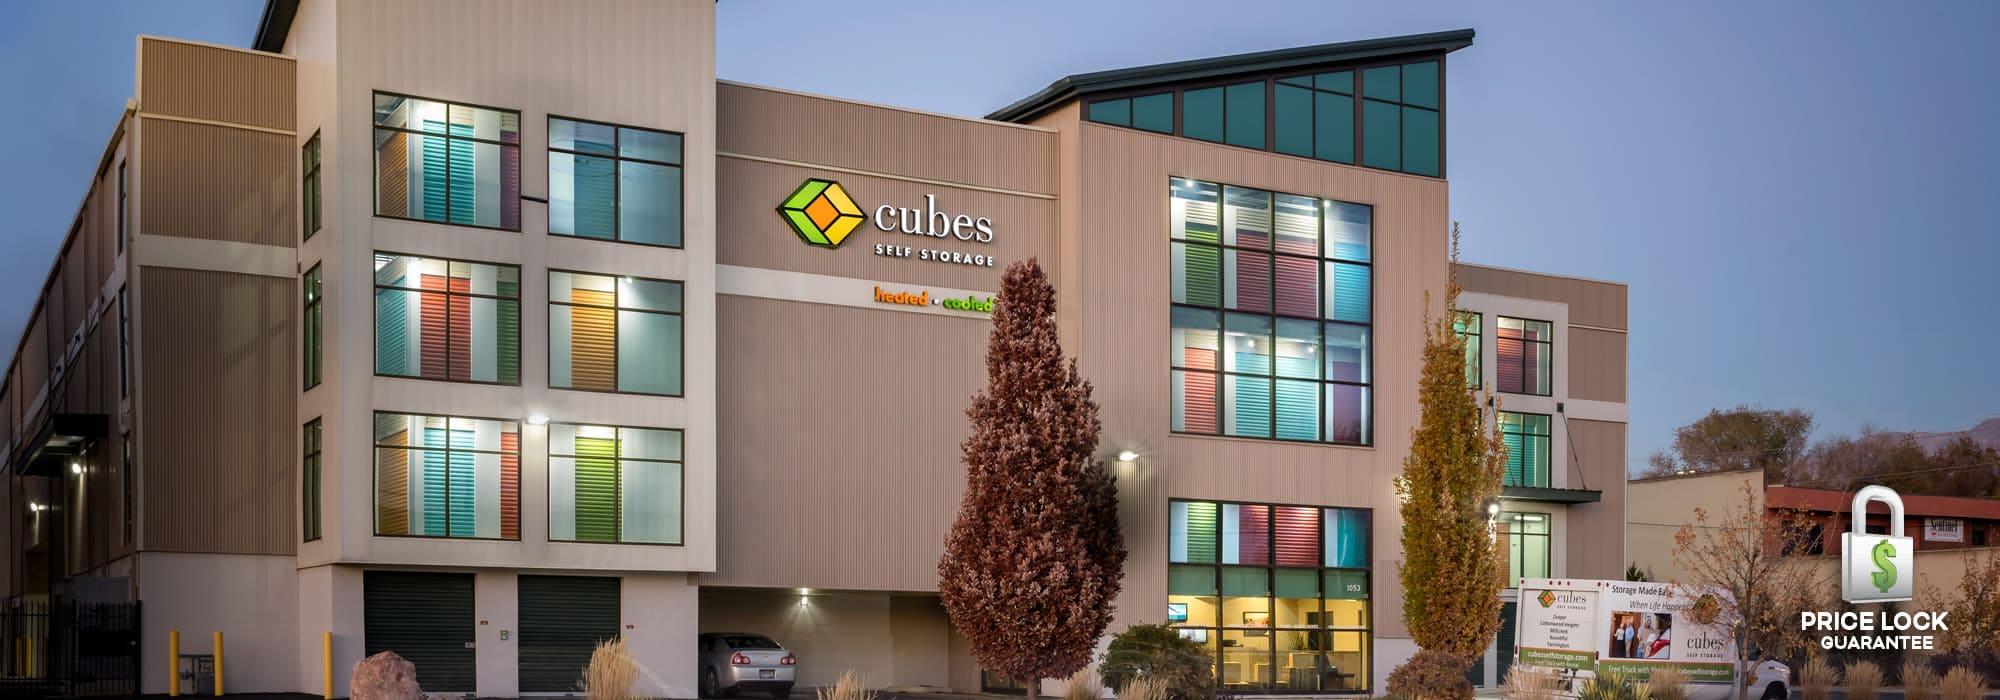 Cubes Self Storage in Millcreek, Utah